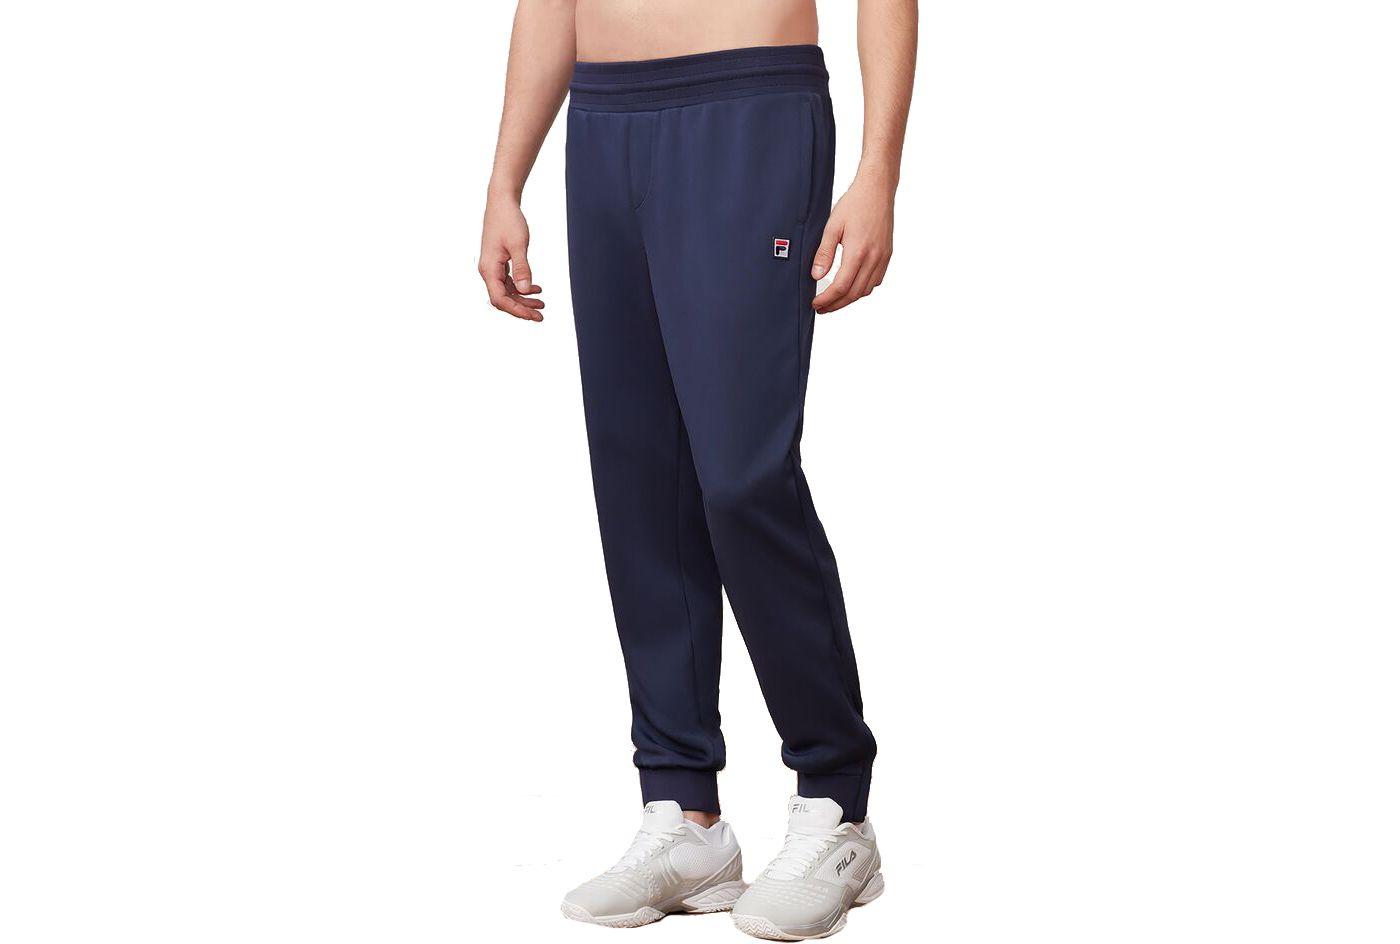 Fila Men's Heritage Tennis Warm-Up Pants